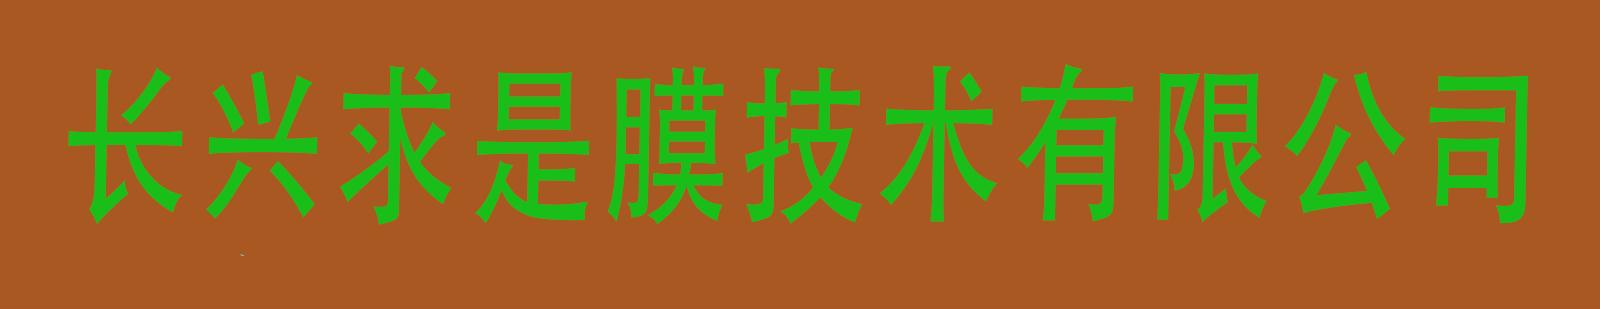 浙江�L�d求是膜技�g有限公司